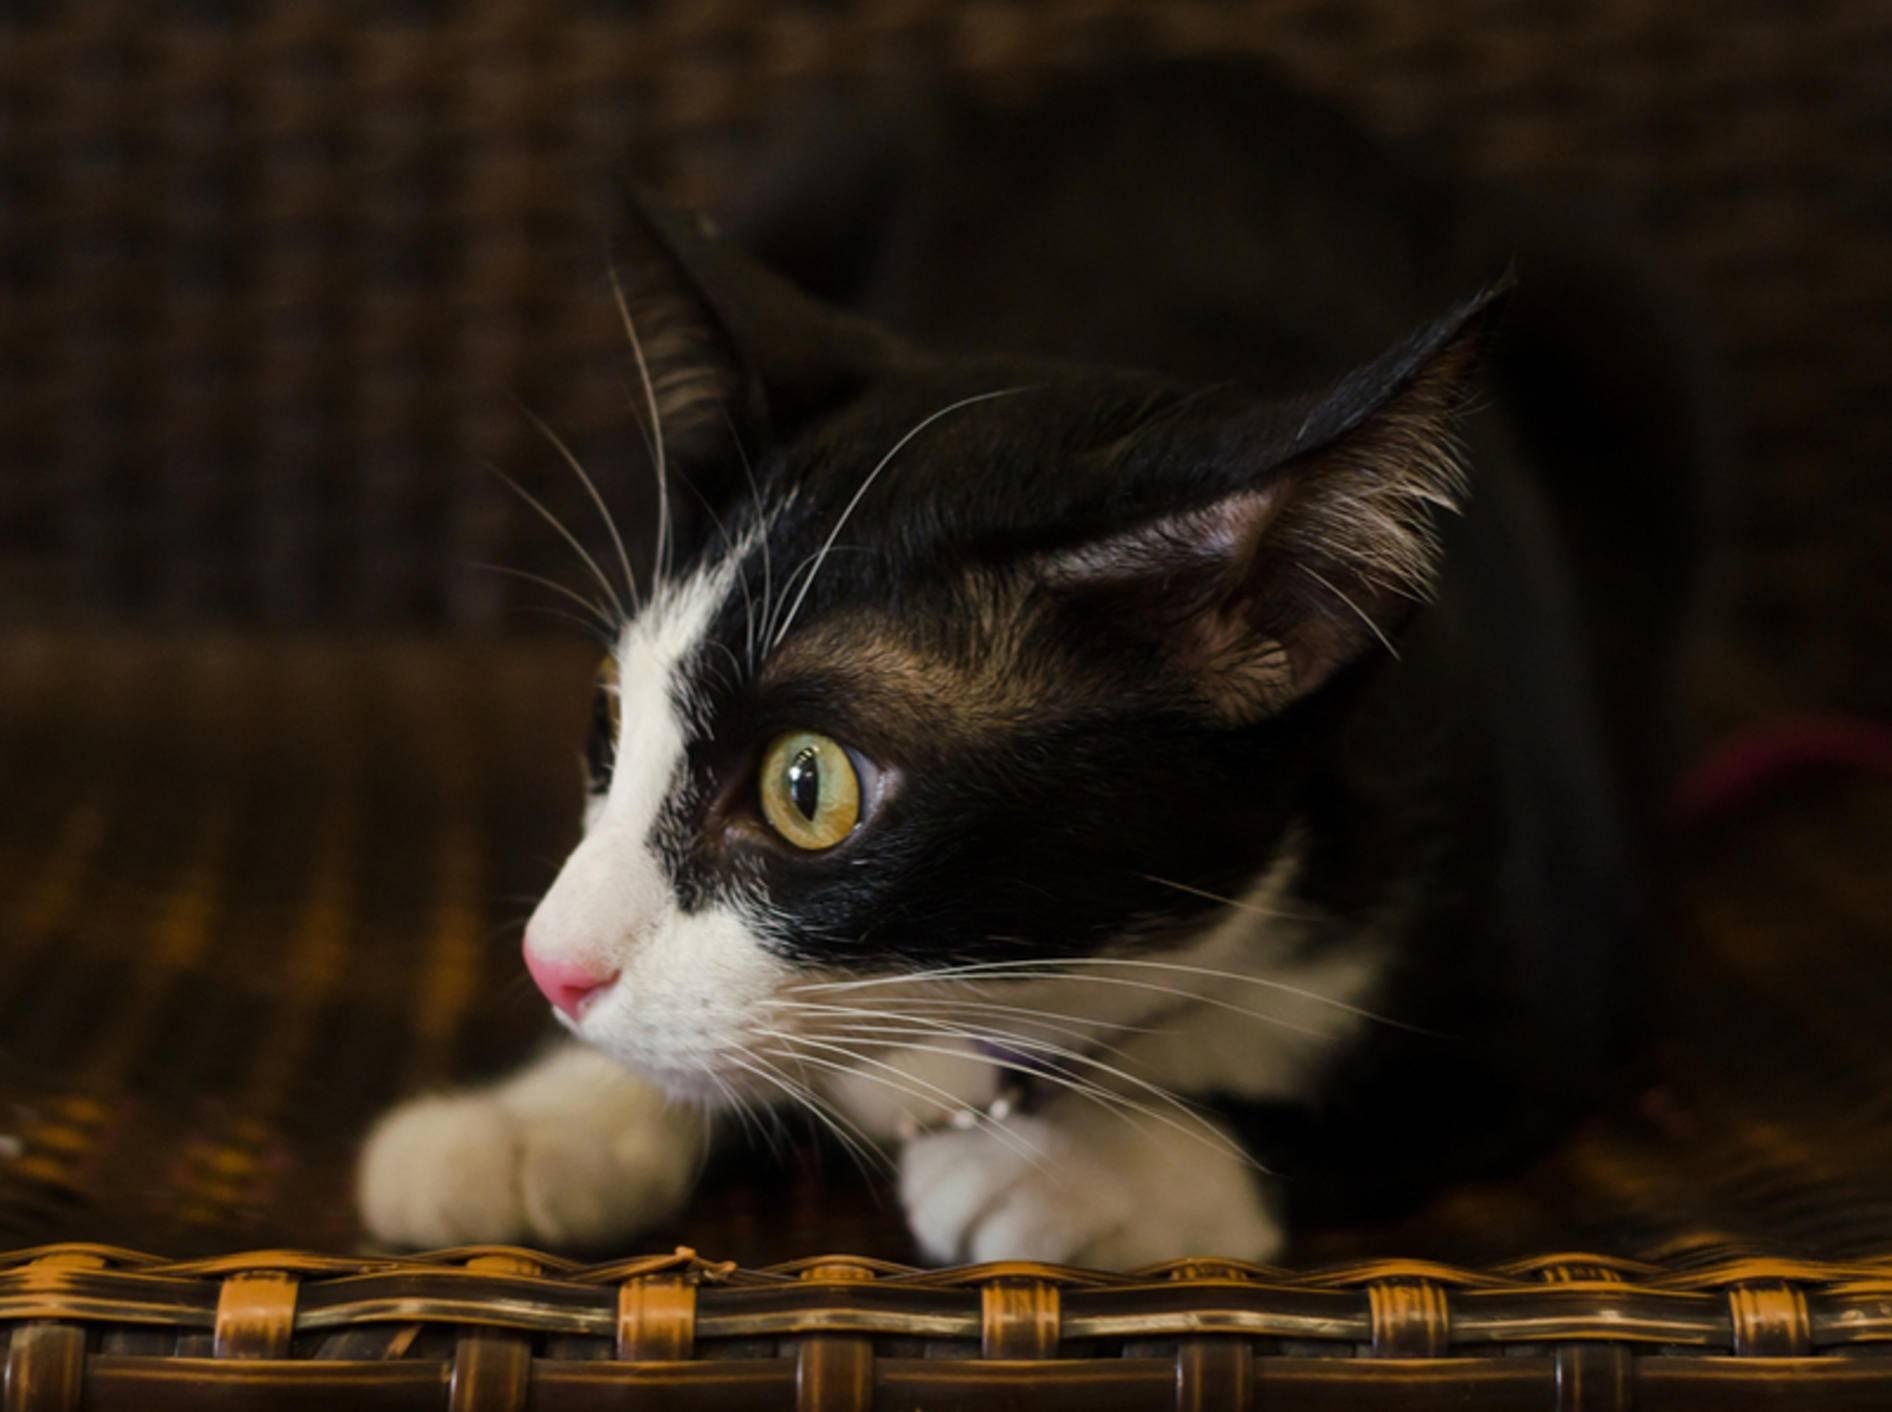 Angst ist ein möglicher Grund, warum Katzen zittern – kowit1982/Shutterstock